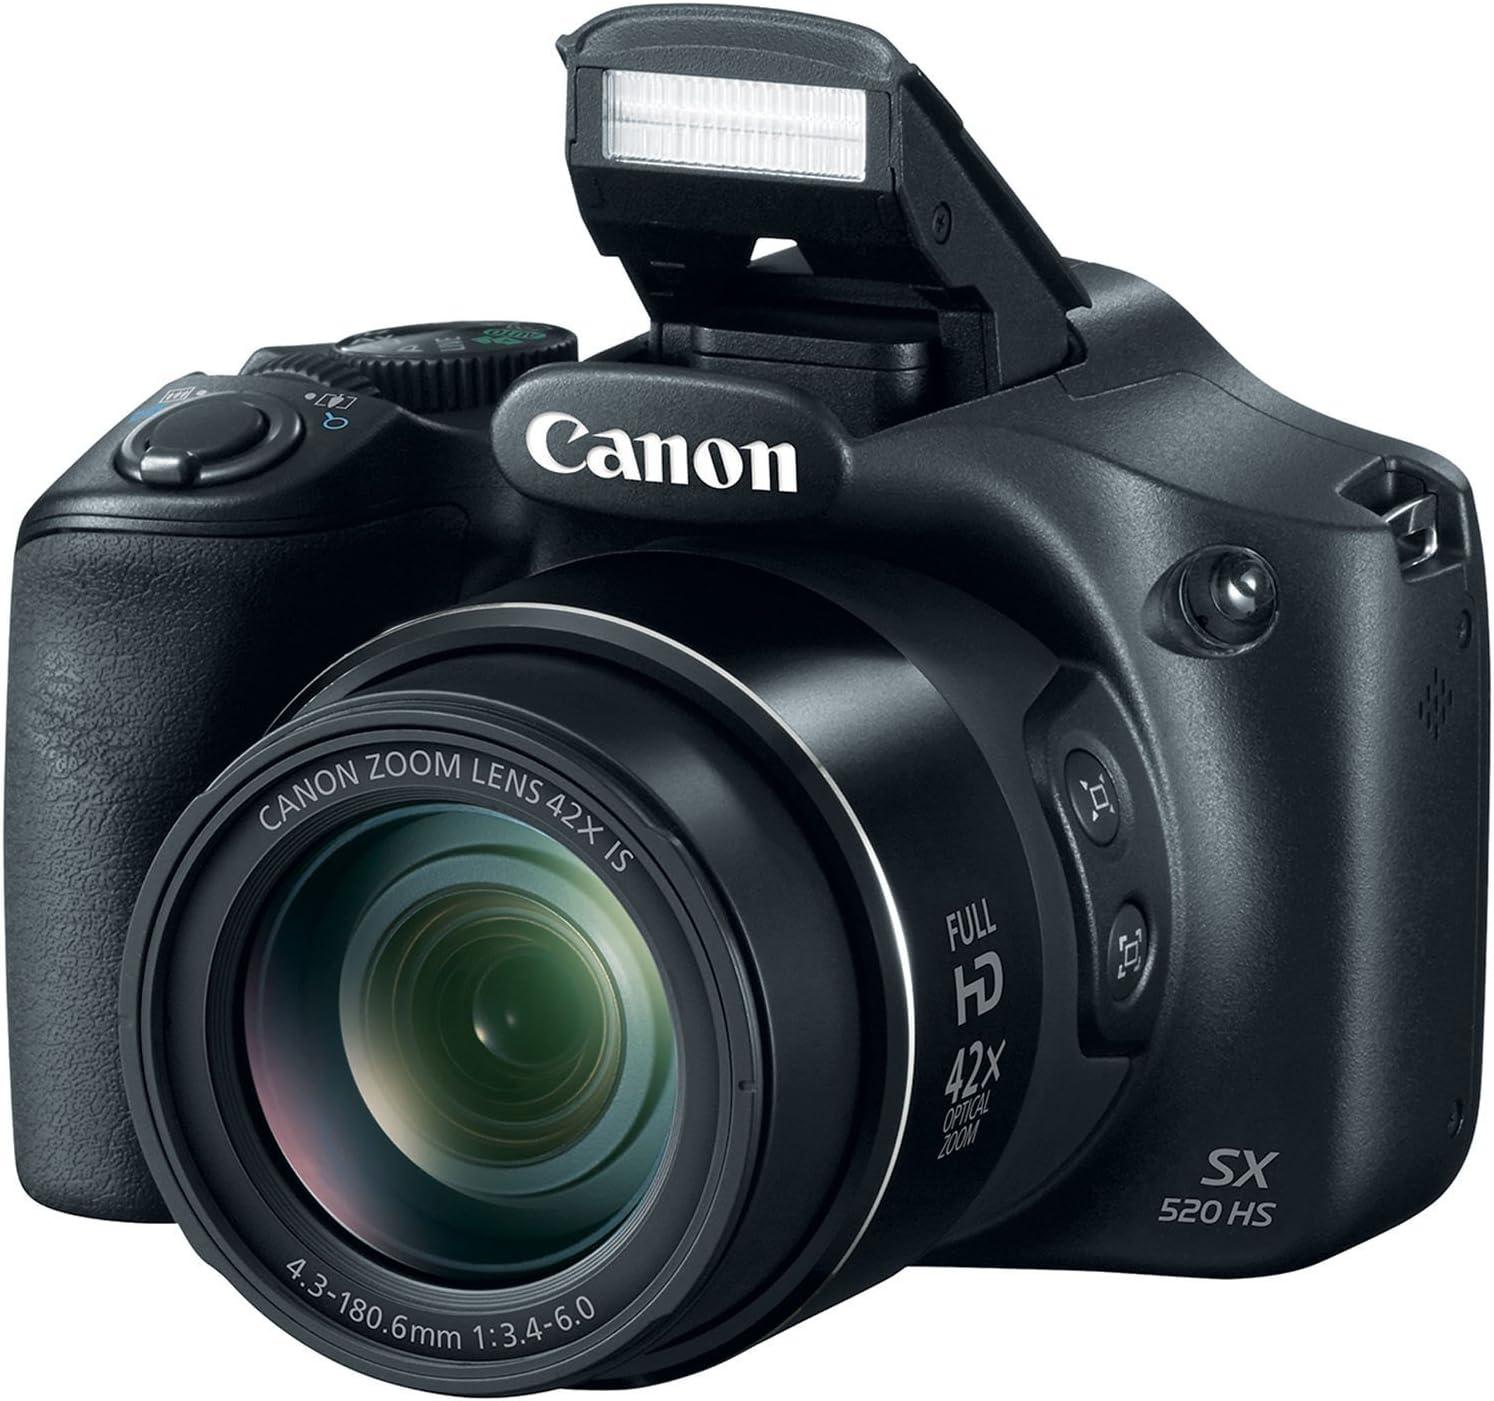 Nuevo Pantalla LCD Pantalla Monitor para Canon PowerShot SX520 Hs SX530 Hs pieza de reparación